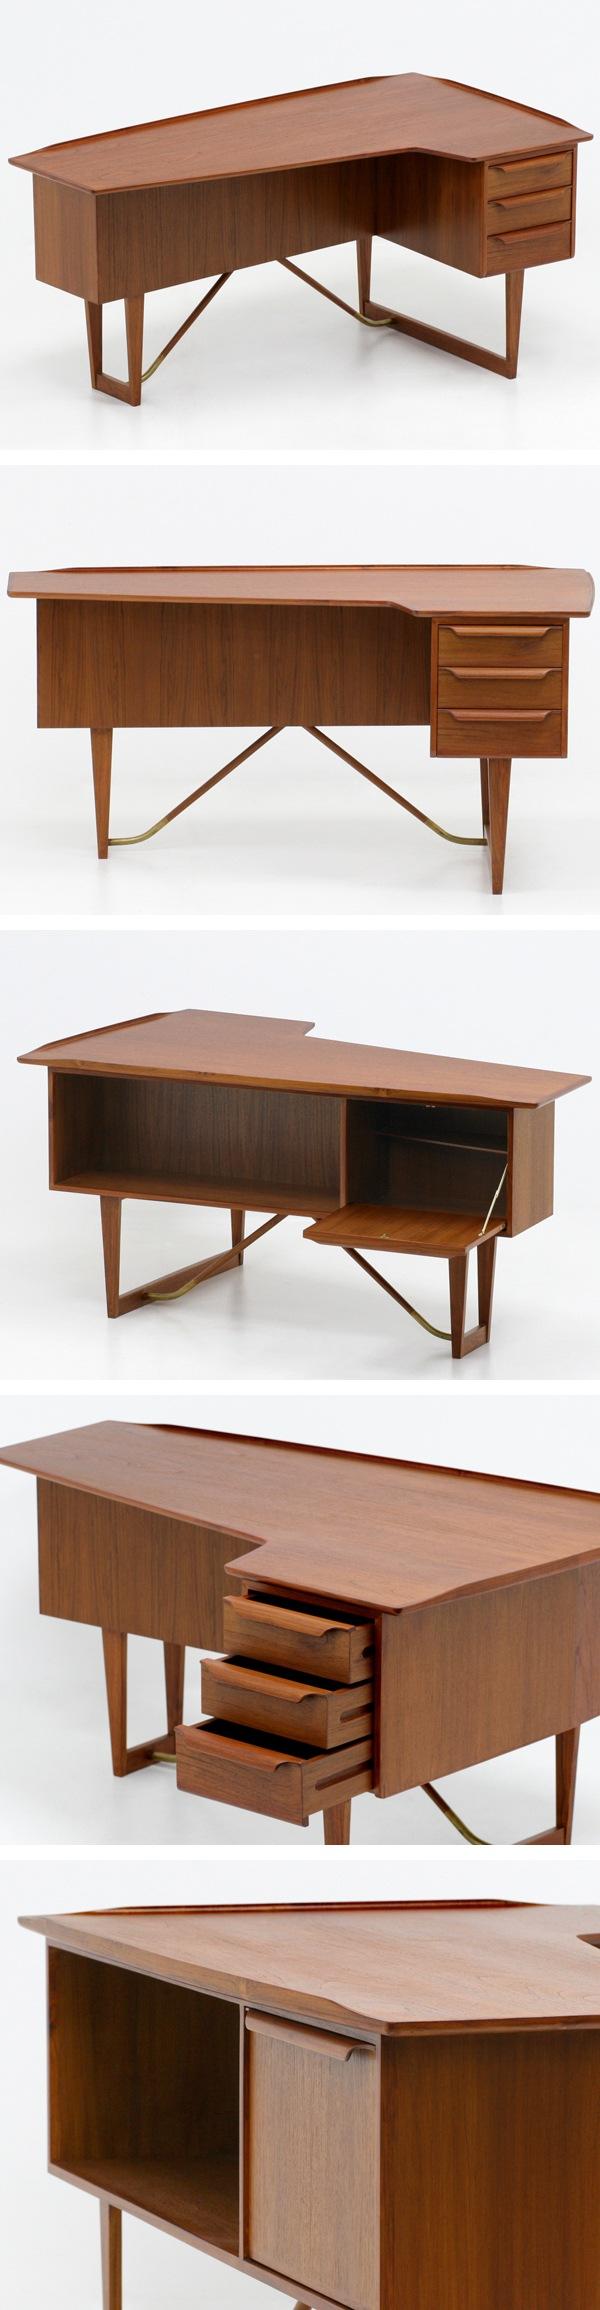 北欧デザイン家具,Klokken,クロッケン,チーク材,片袖デスク